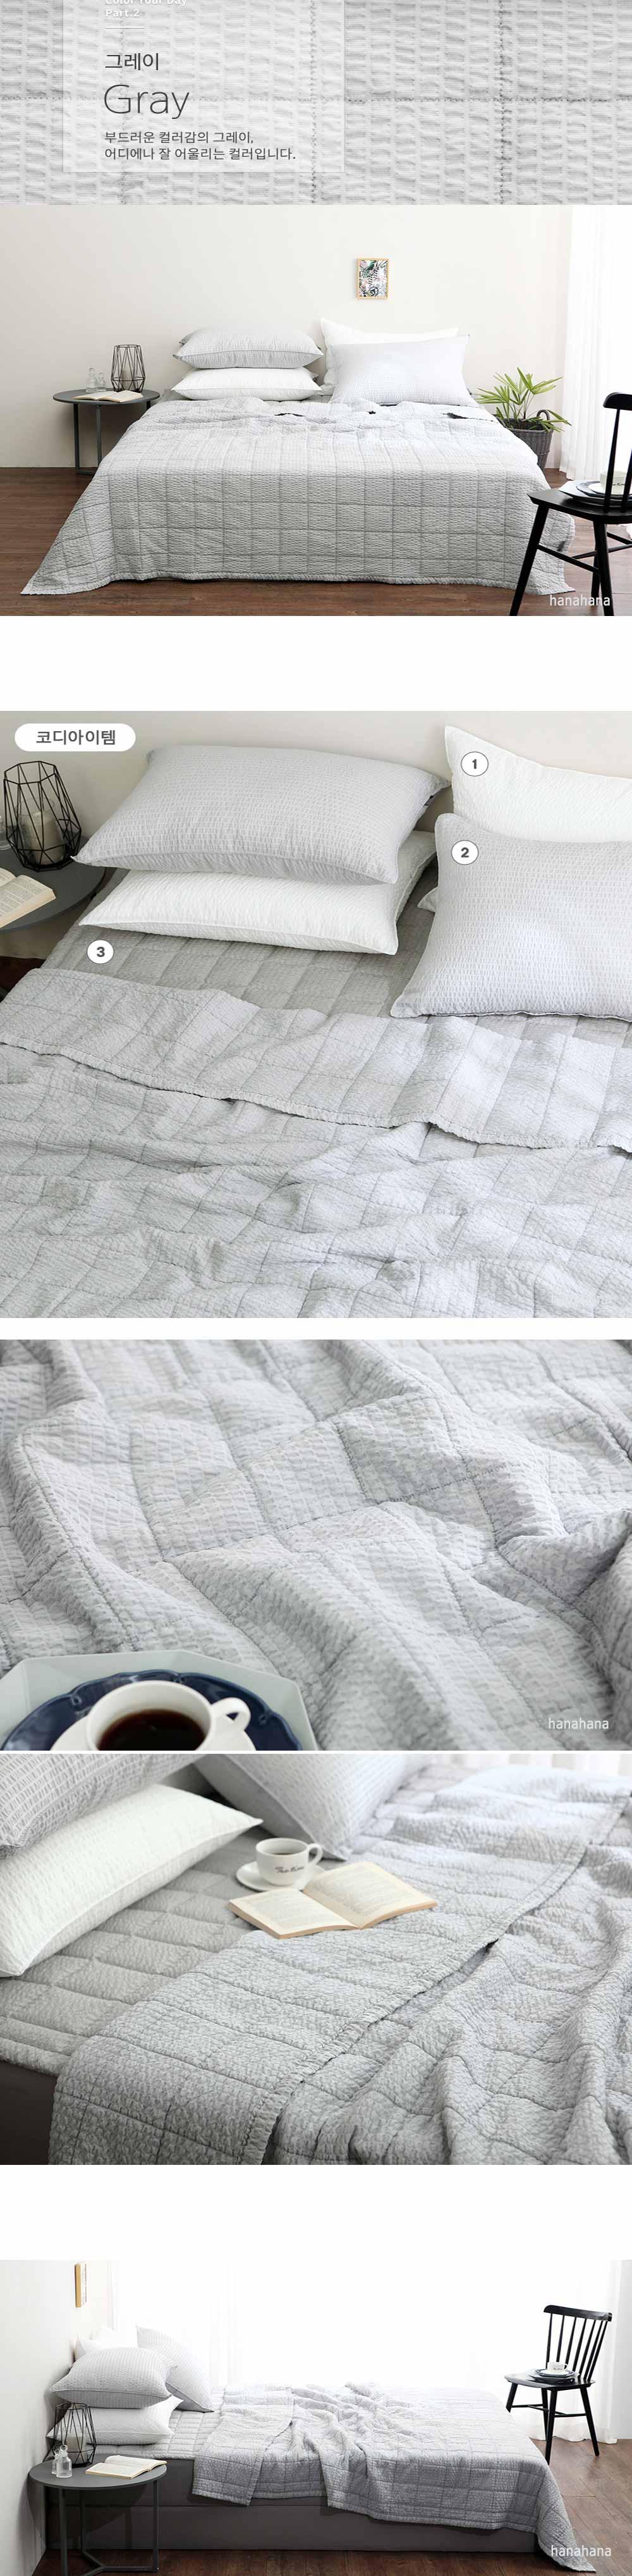 Bộ chăn mền gối drap cotton nhuộm màu tự nhiên - hàng cao cấp hàn quốc